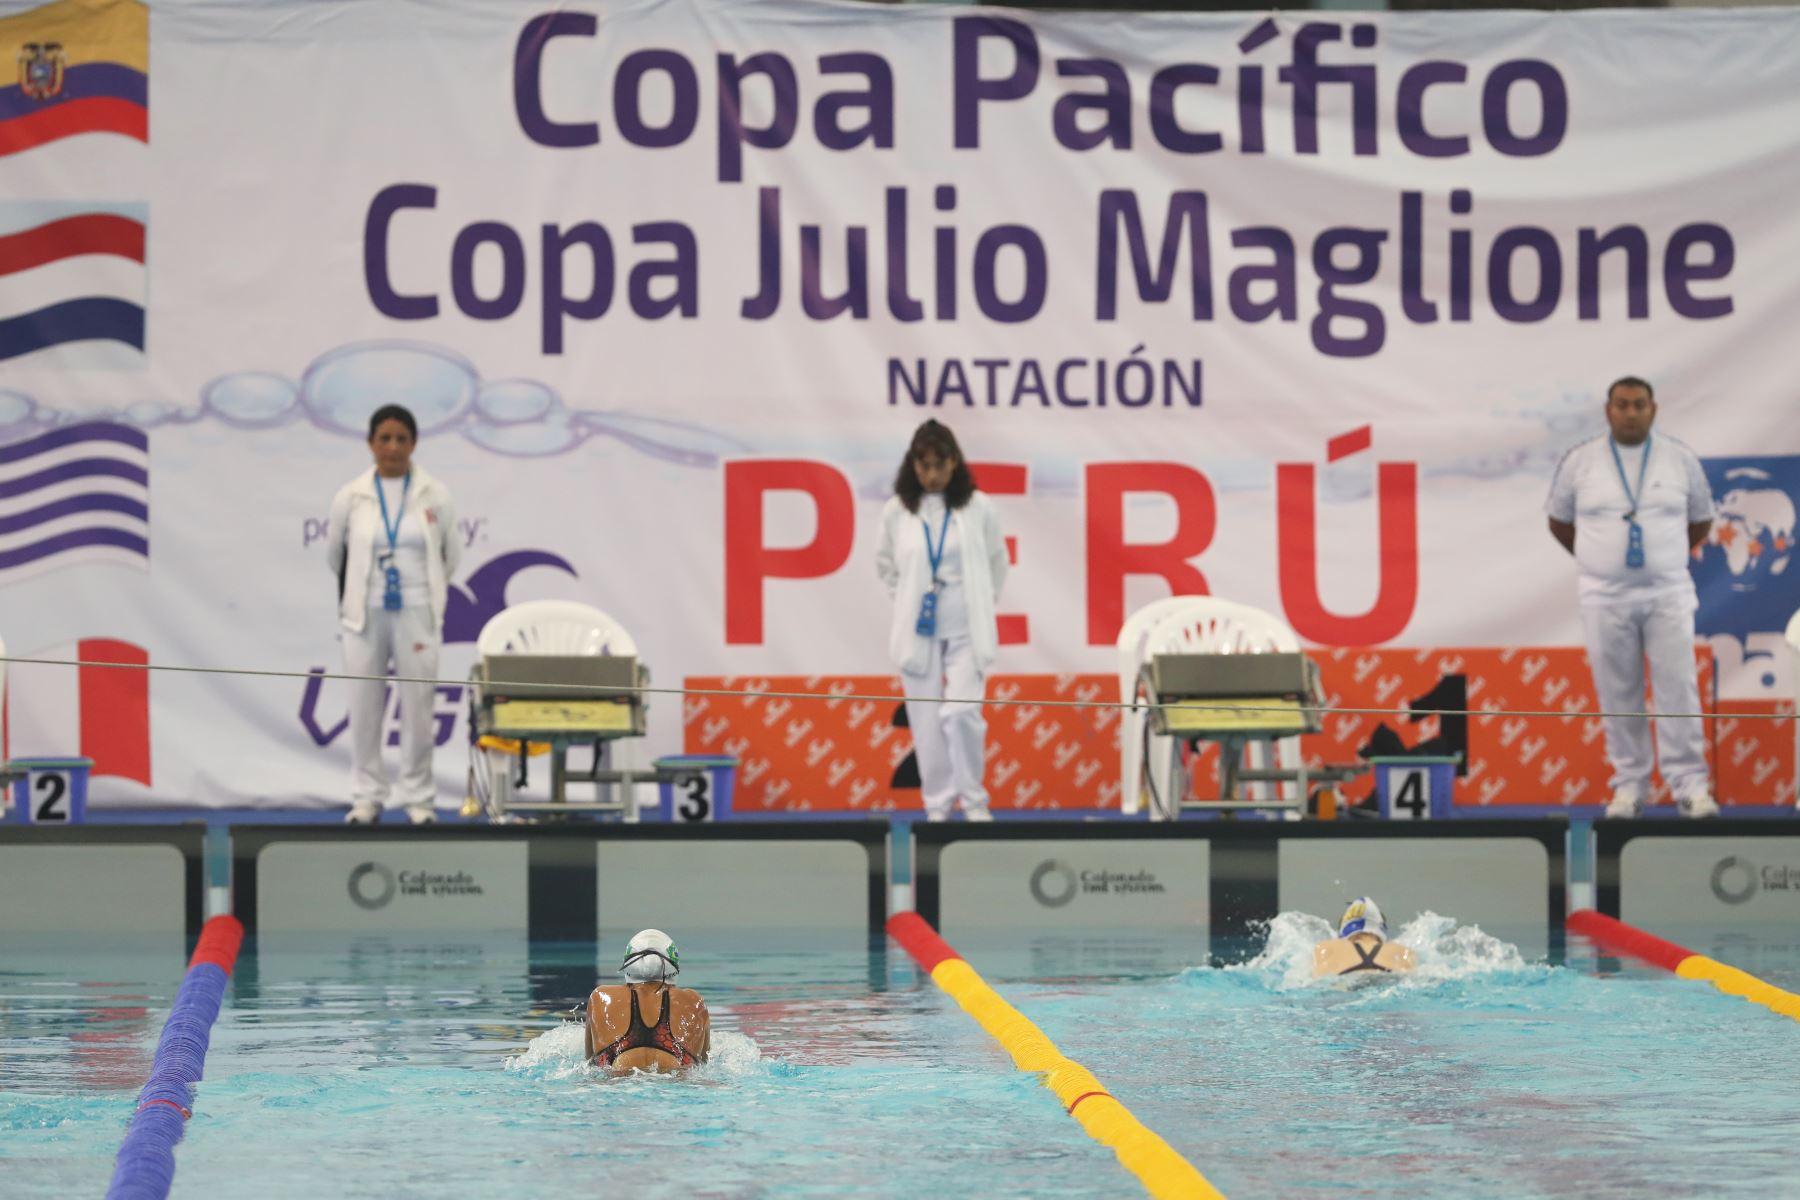 Torneo Copa Pacífico de Natación 2019. Foto: ANDINA/Melina Mejía